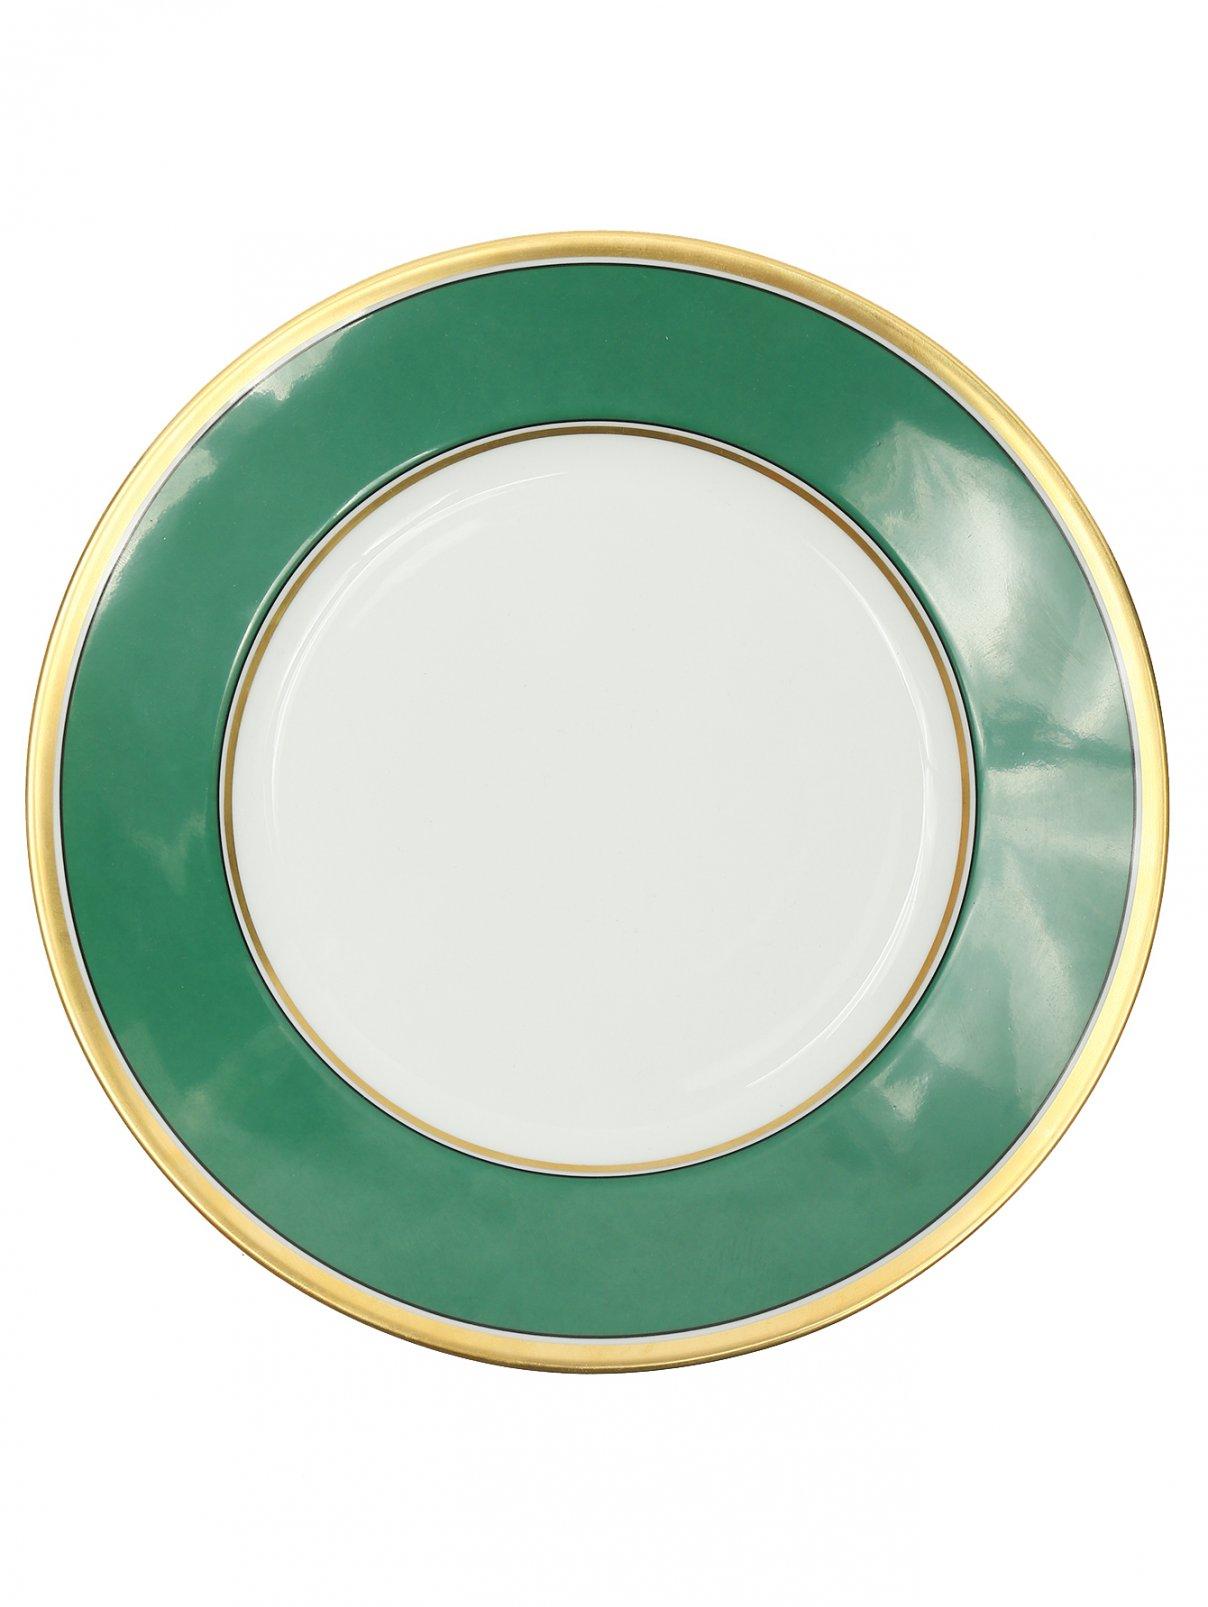 Десертная тарелка из фарфора Richard Ginori 1735  –  Общий вид